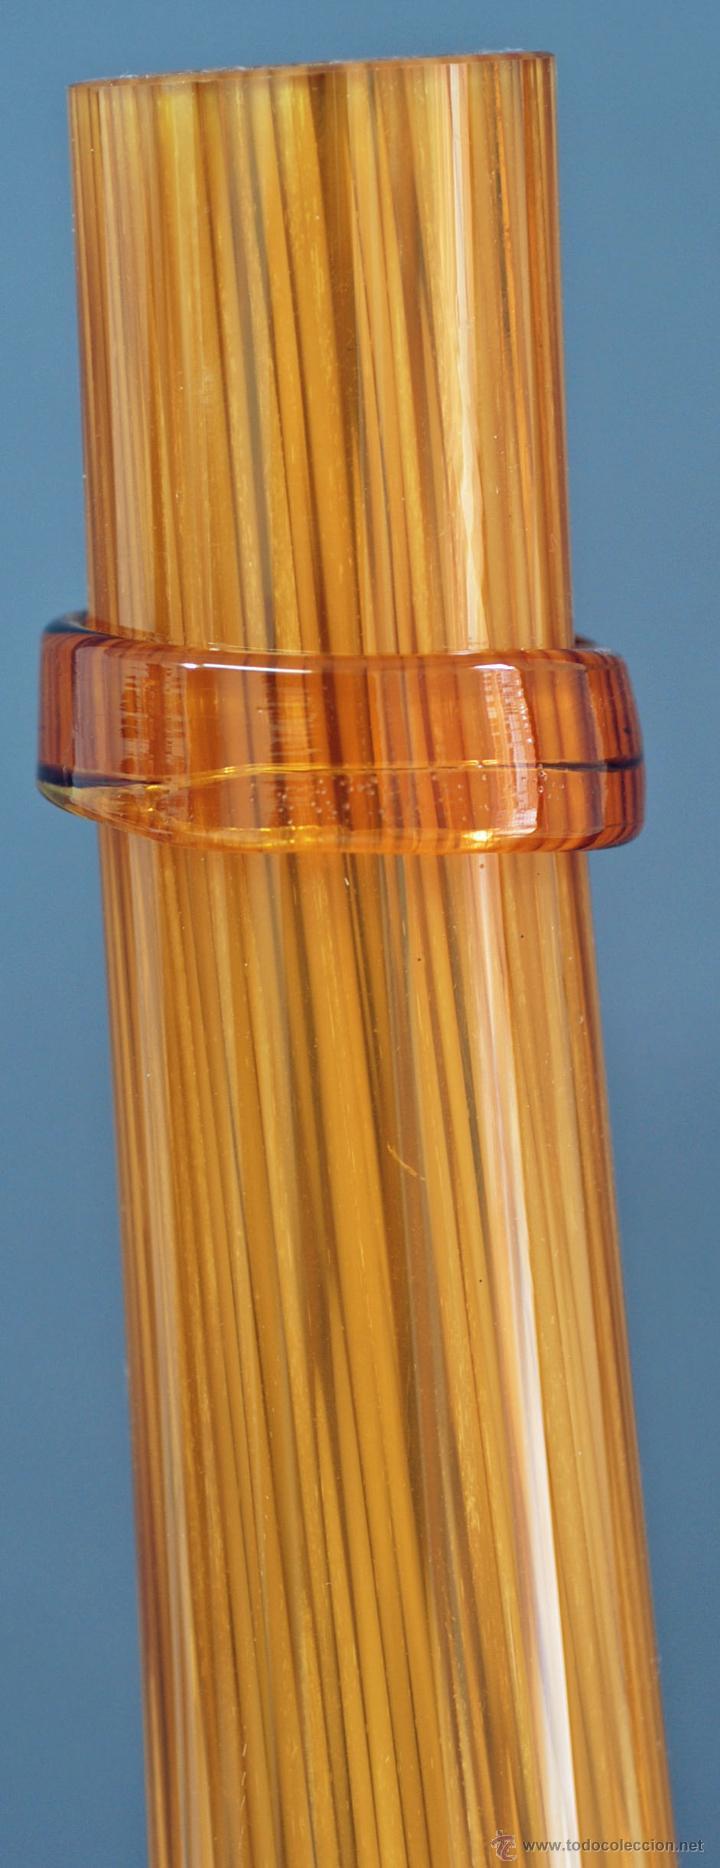 Vintage: Centro botella cristal soplado color ámbar vintage años 50 - 60 - Foto 5 - 51419450